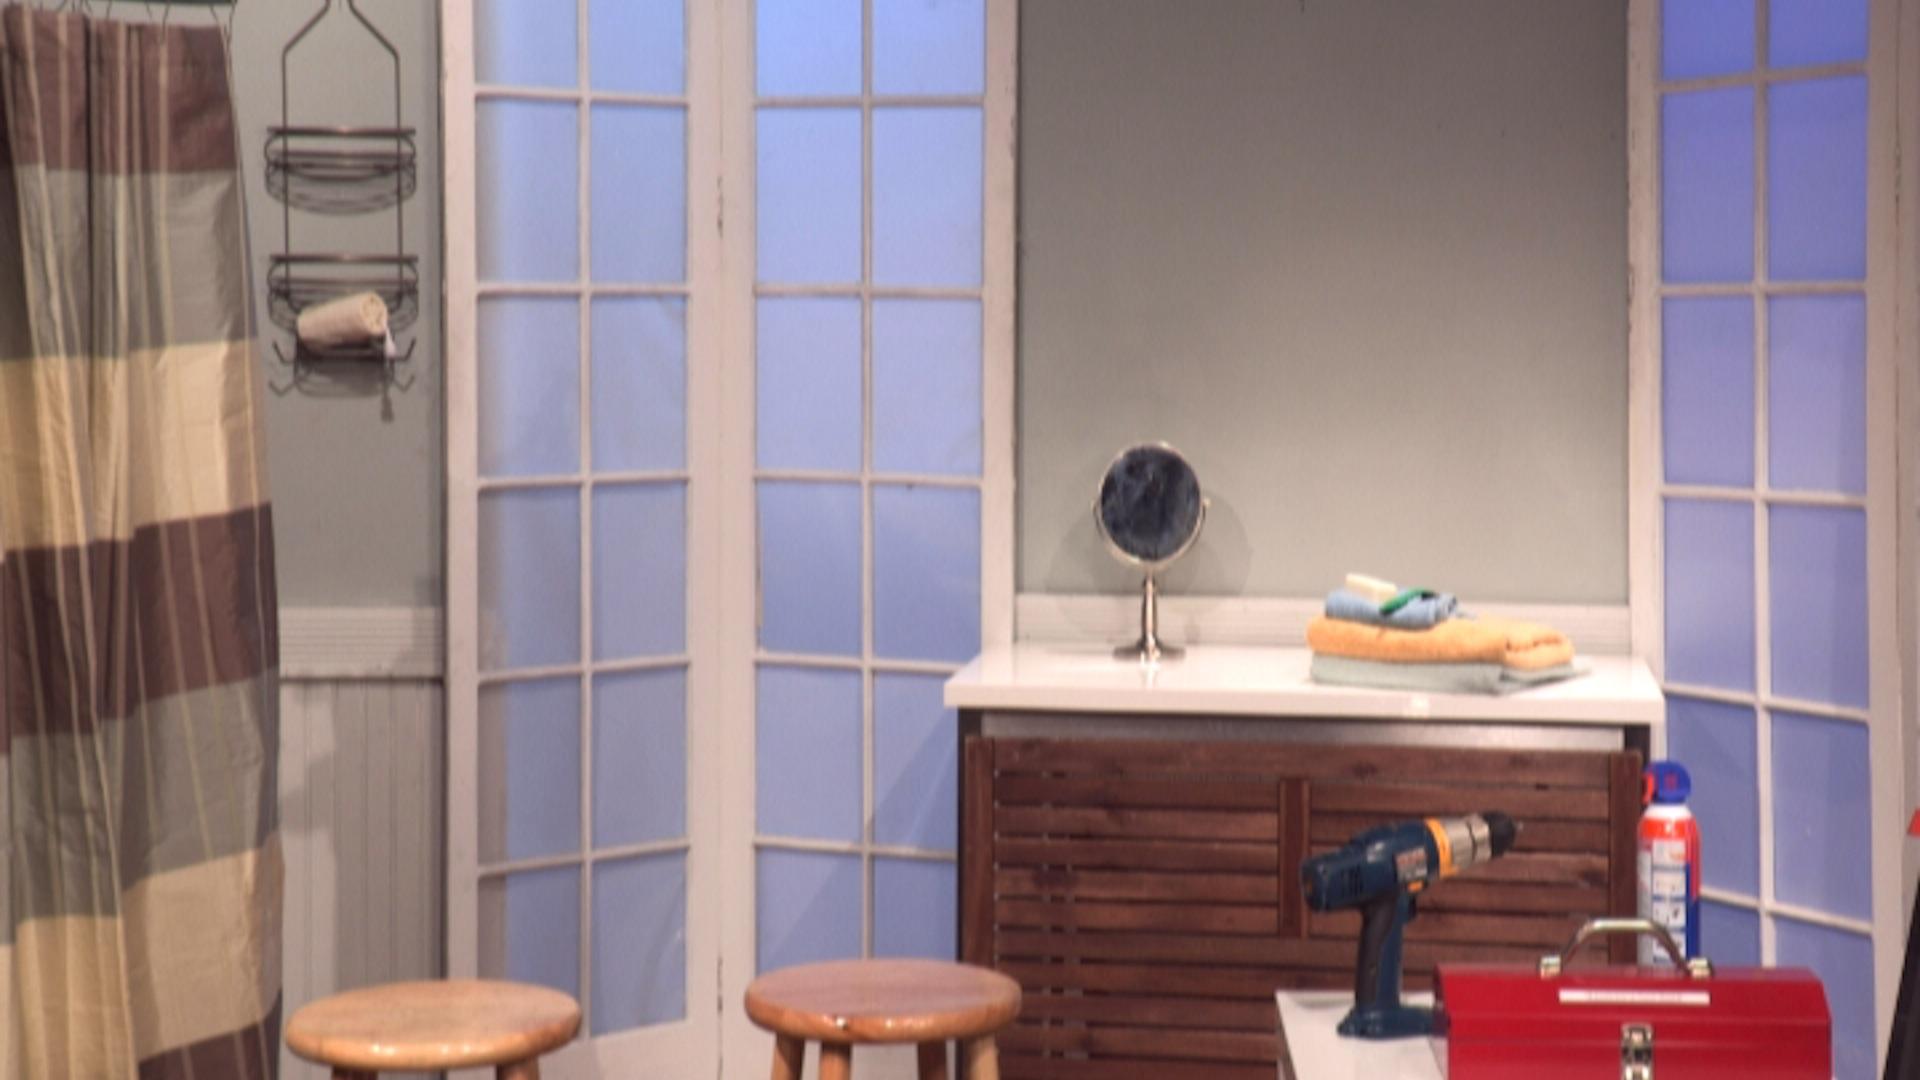 BathroomLook-02.jpg